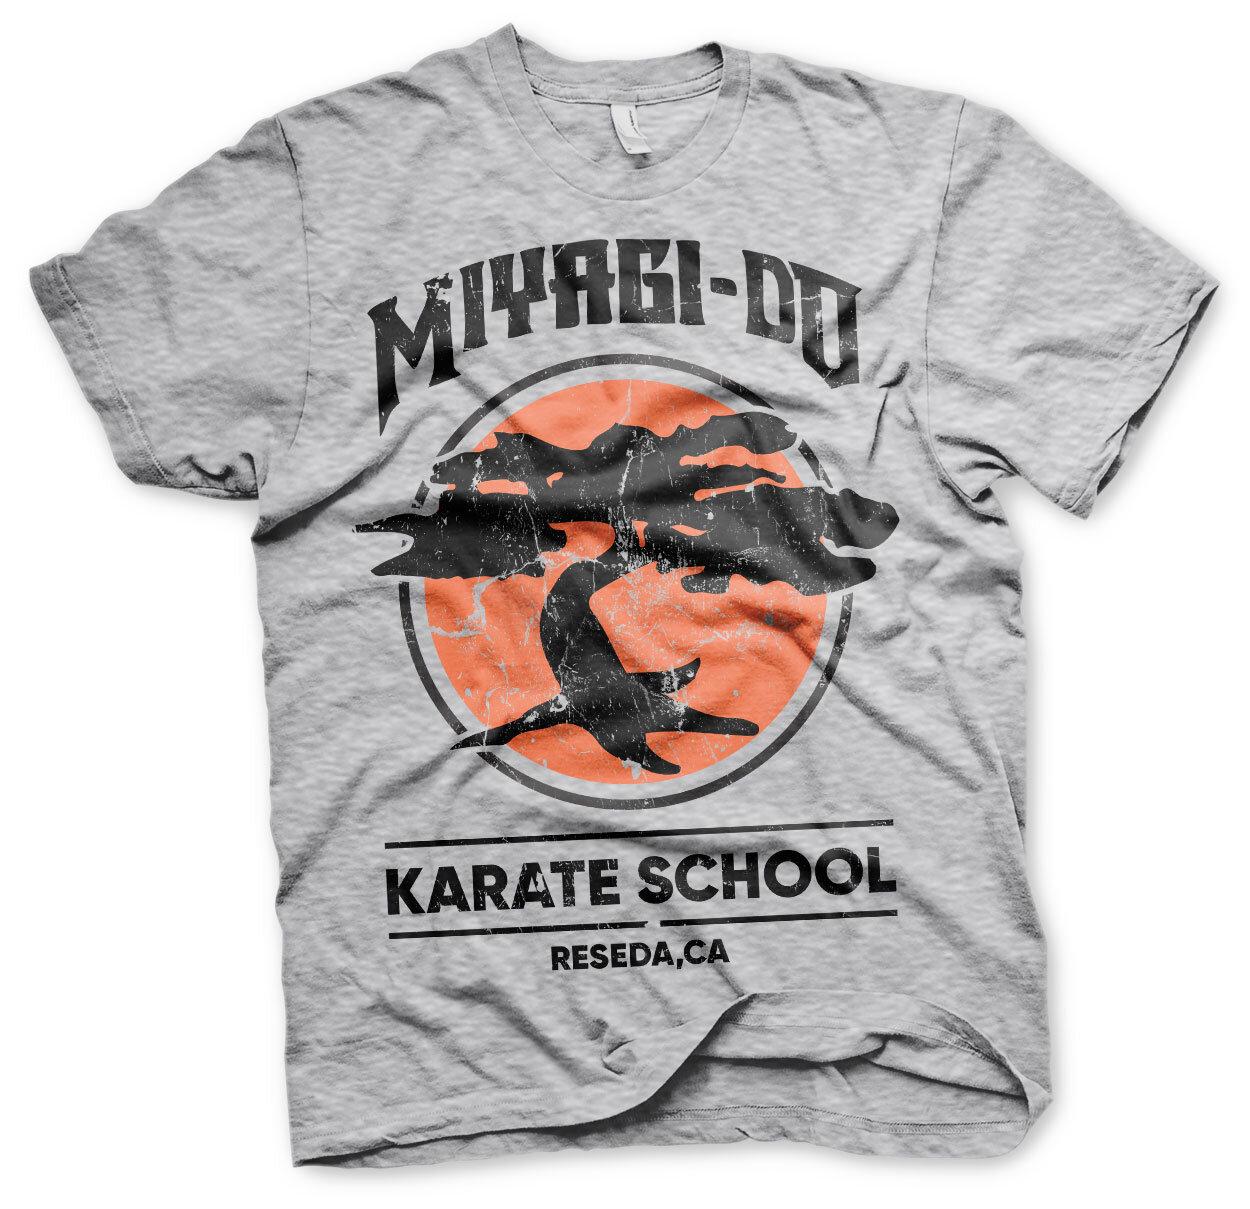 Miyagi-Do Karate School T-Shirt